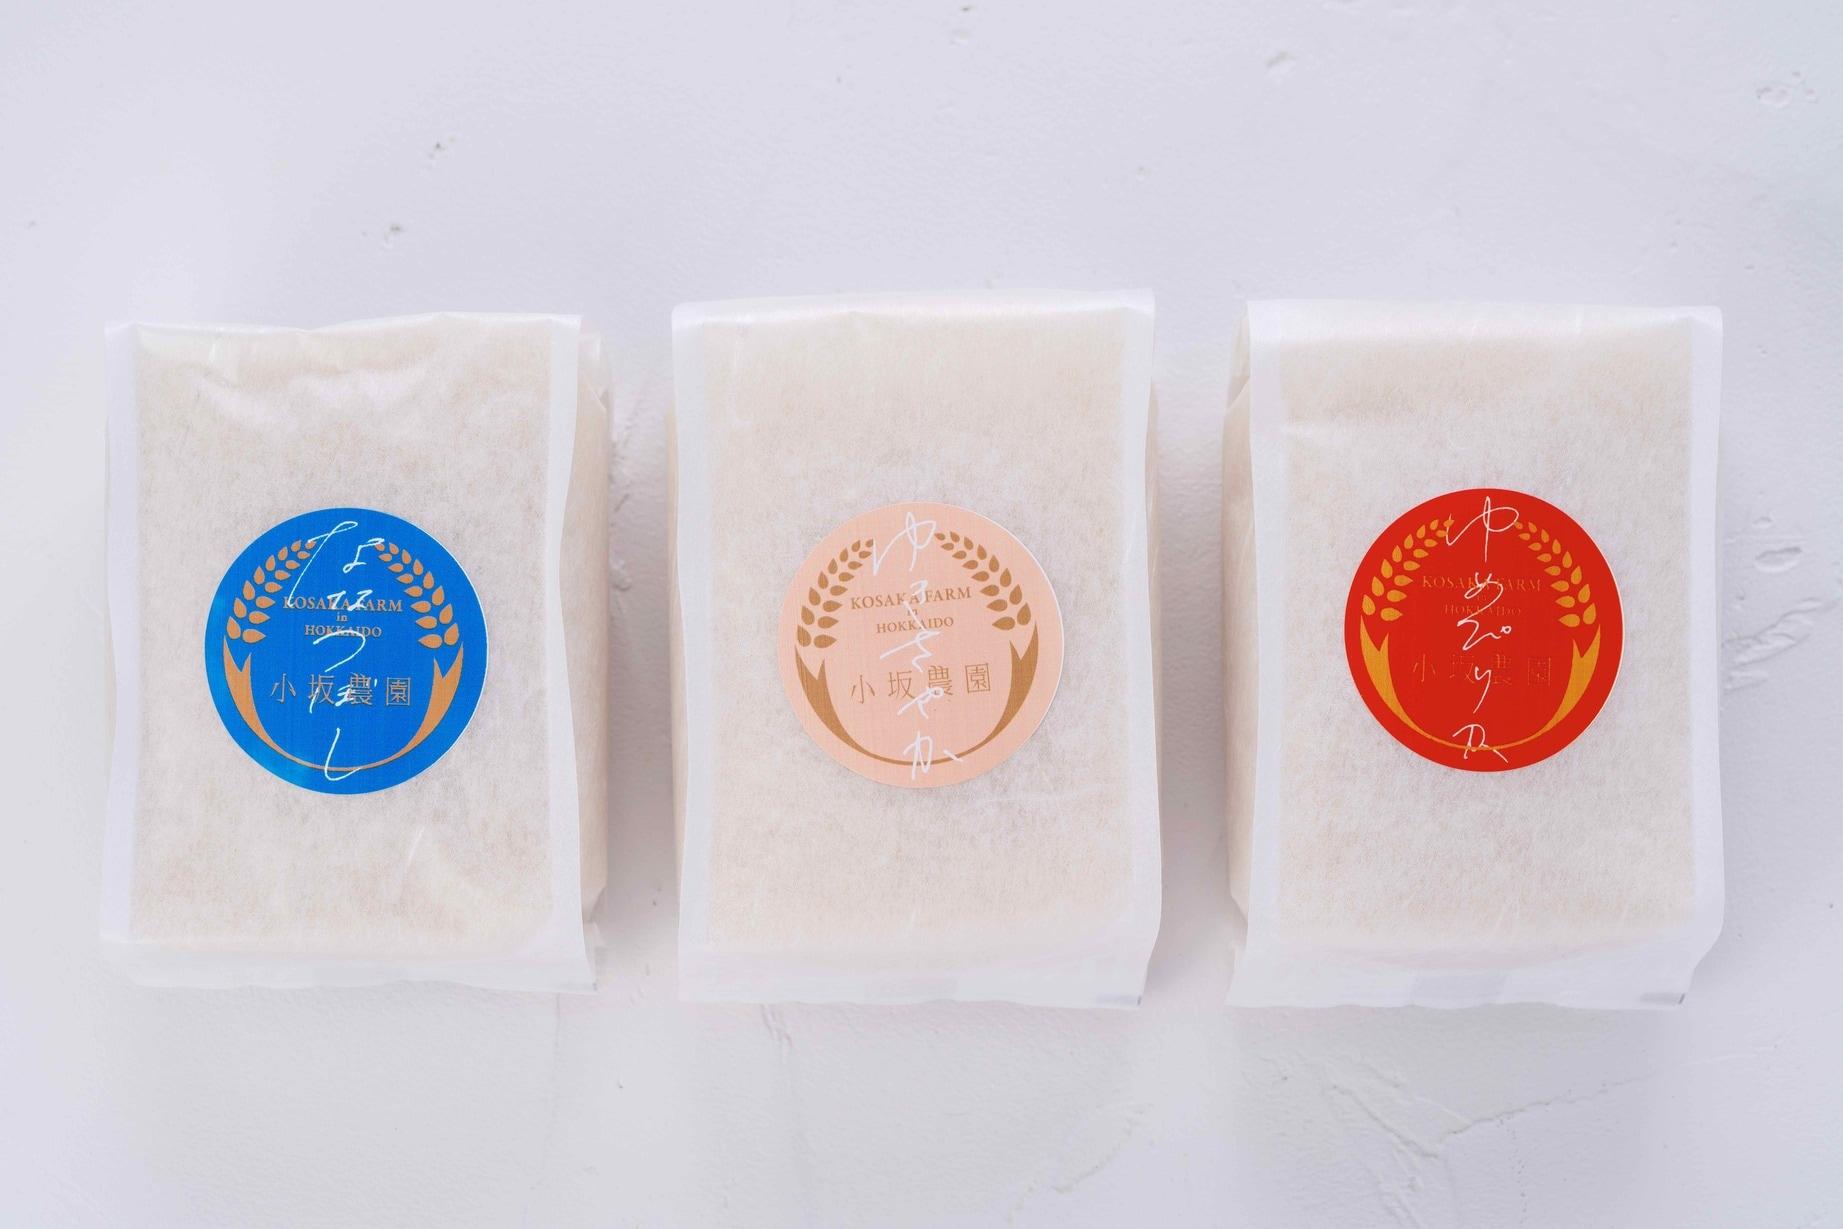 通販・お取り寄せ北海道米3種類の食べ比べセット,ななつぼし・ゆきさやか・ゆめぴりか